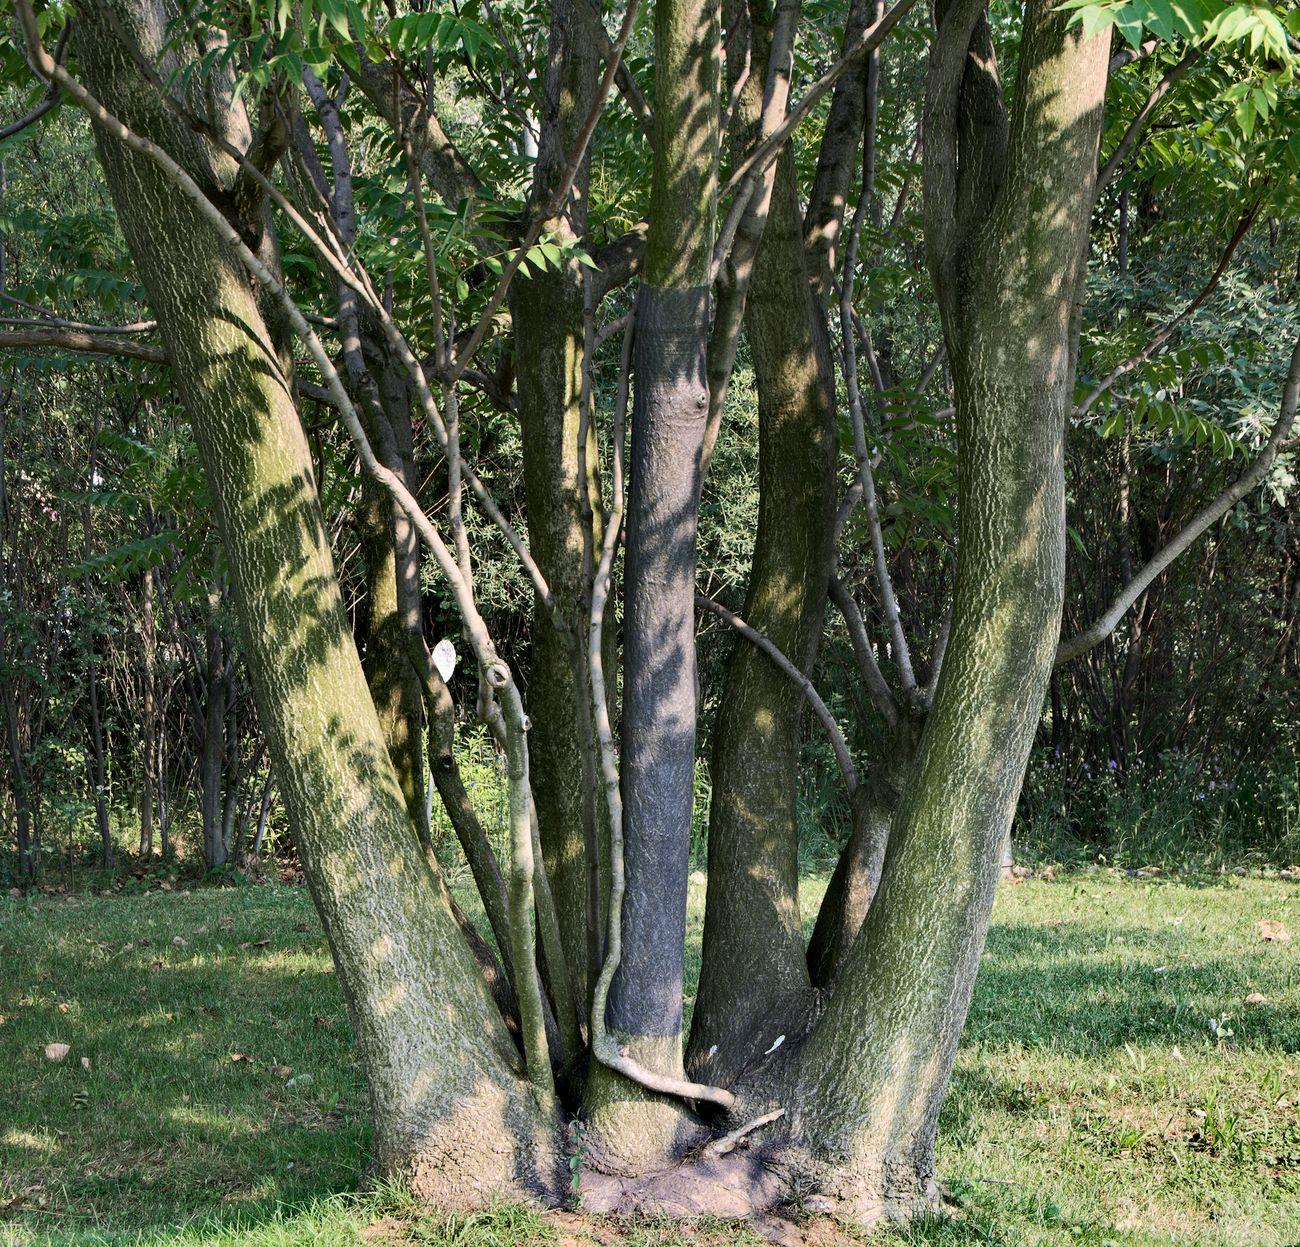 Giulio Saverio Rossi, Riscrivere un albero, 2017, gradite su albero, dimensioni ambientali. PAV Parco Arte Vivente, Torino